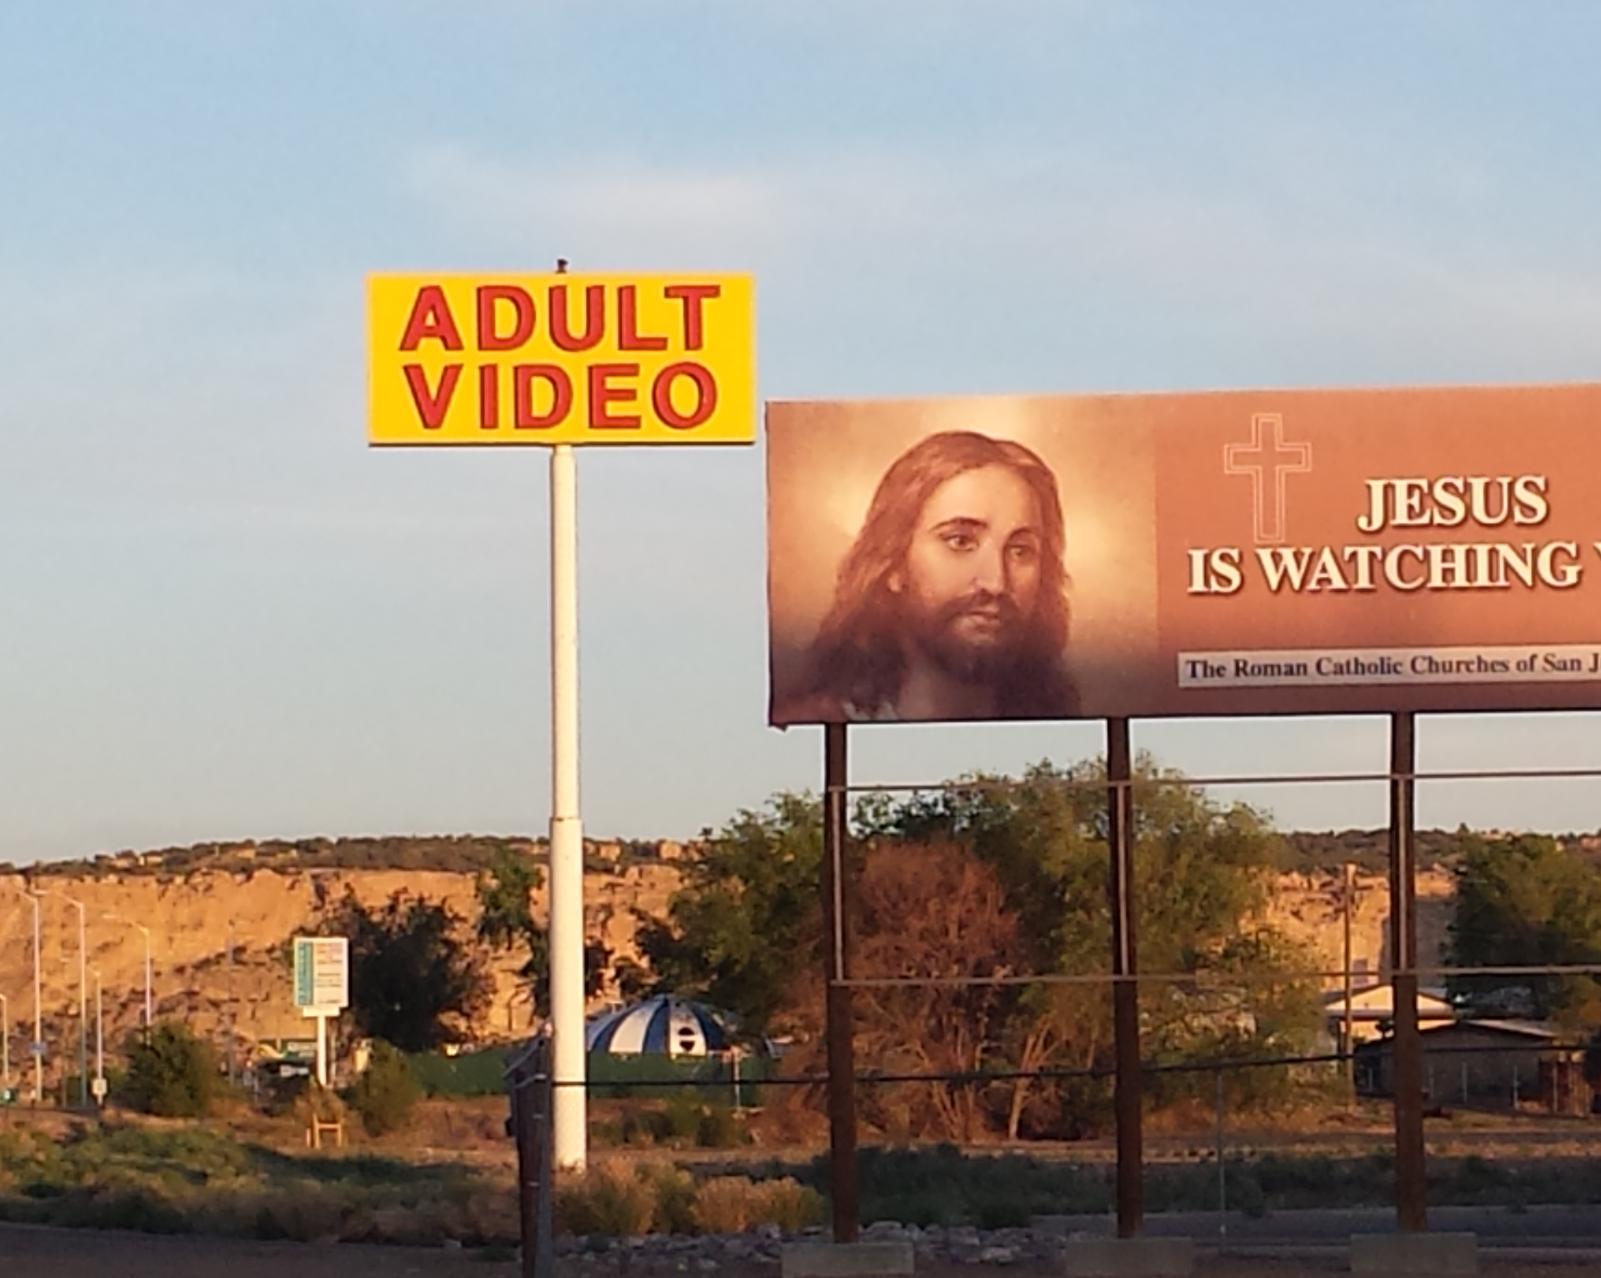 An adult video billboard next to a Jesus billboard.